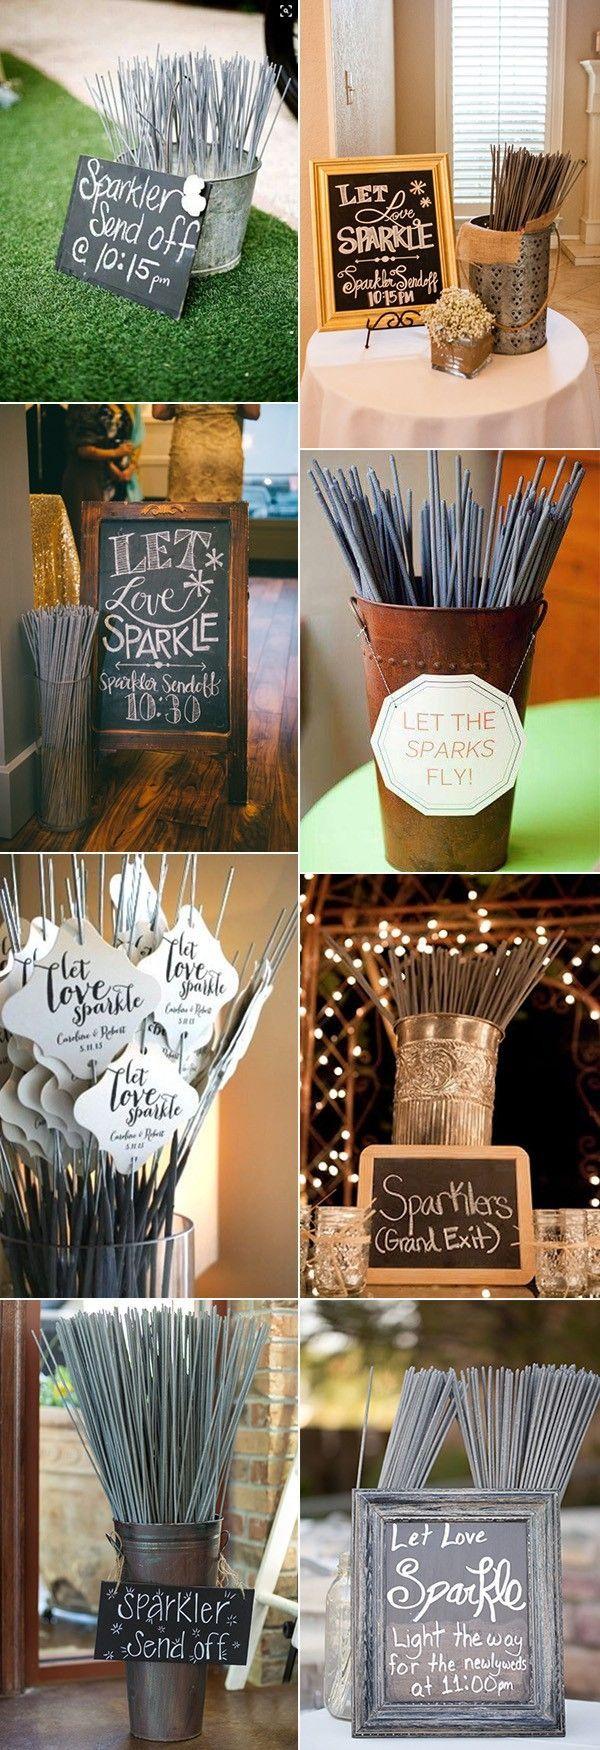 70+ Amazing Fall Wedding Ideas for 2020 Wedding